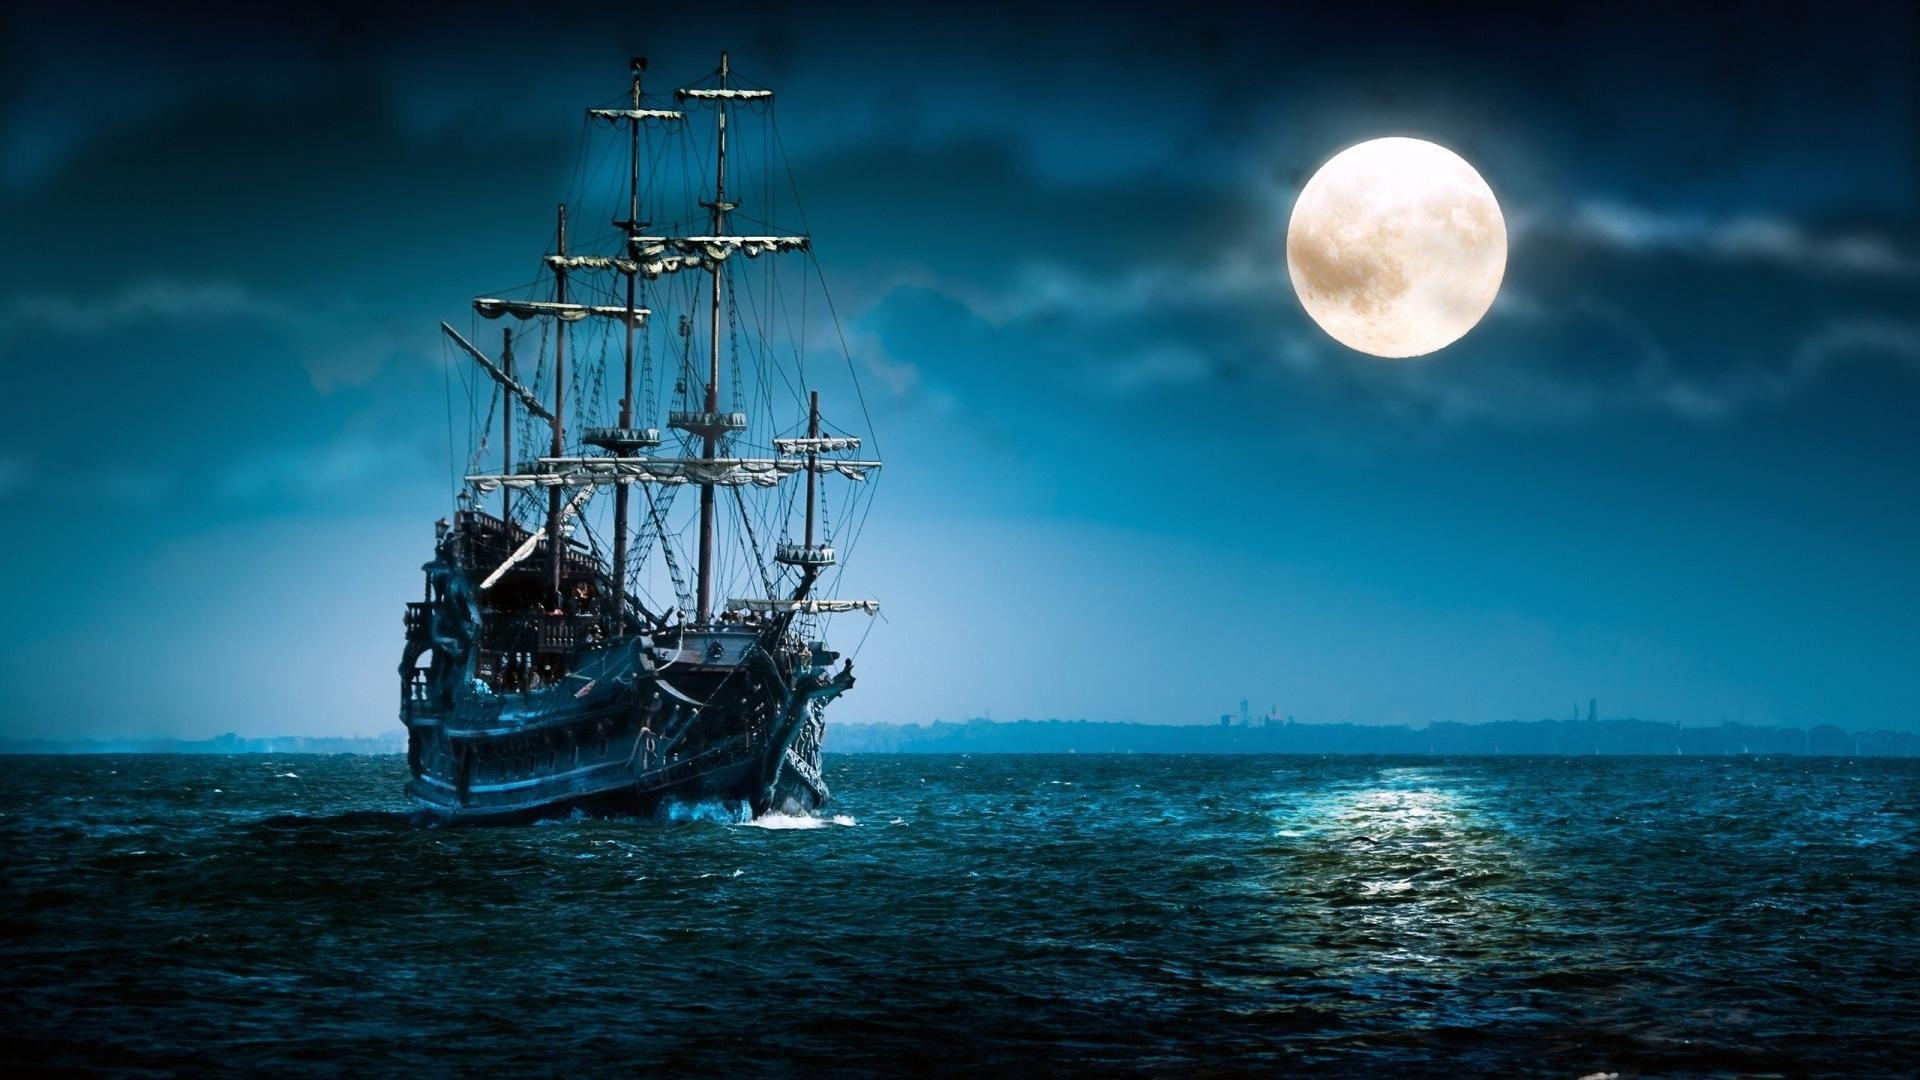 Ship at night photo